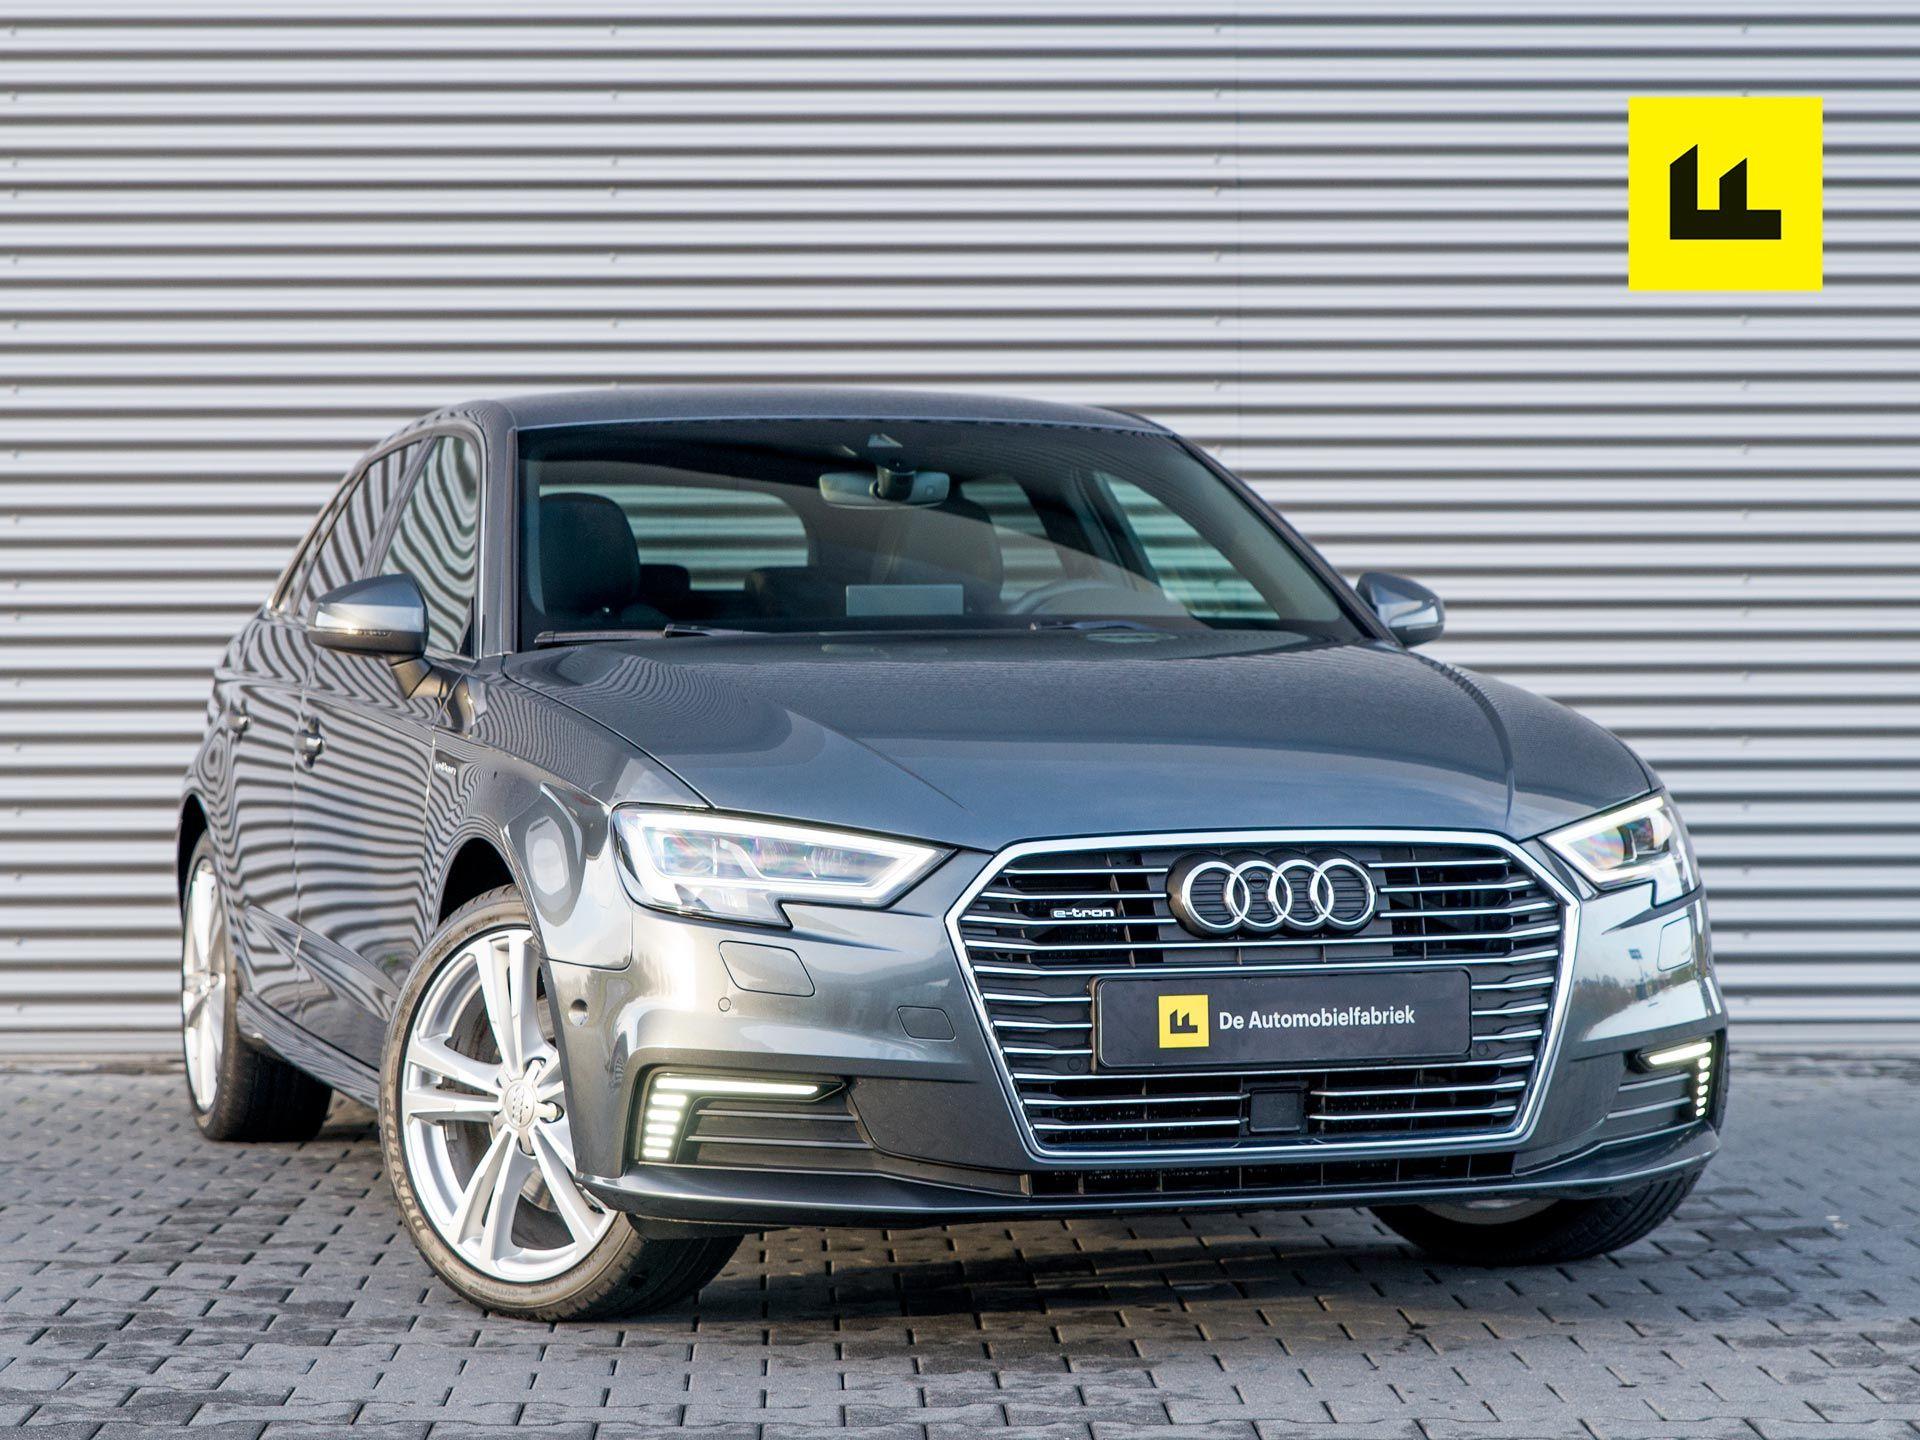 Audi A3 Sportback 1.4 etron S line Prijs Excl. BTW €34